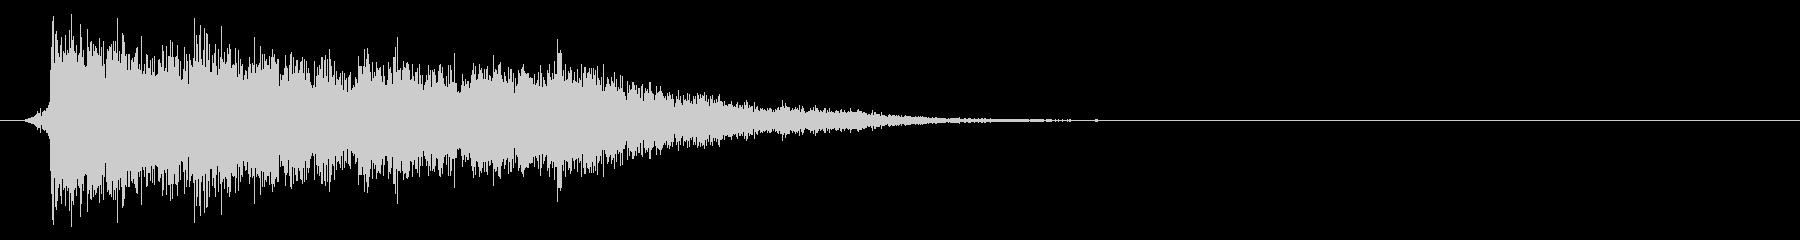 コミカルなダッシュ!ジャンプの効果音02の未再生の波形